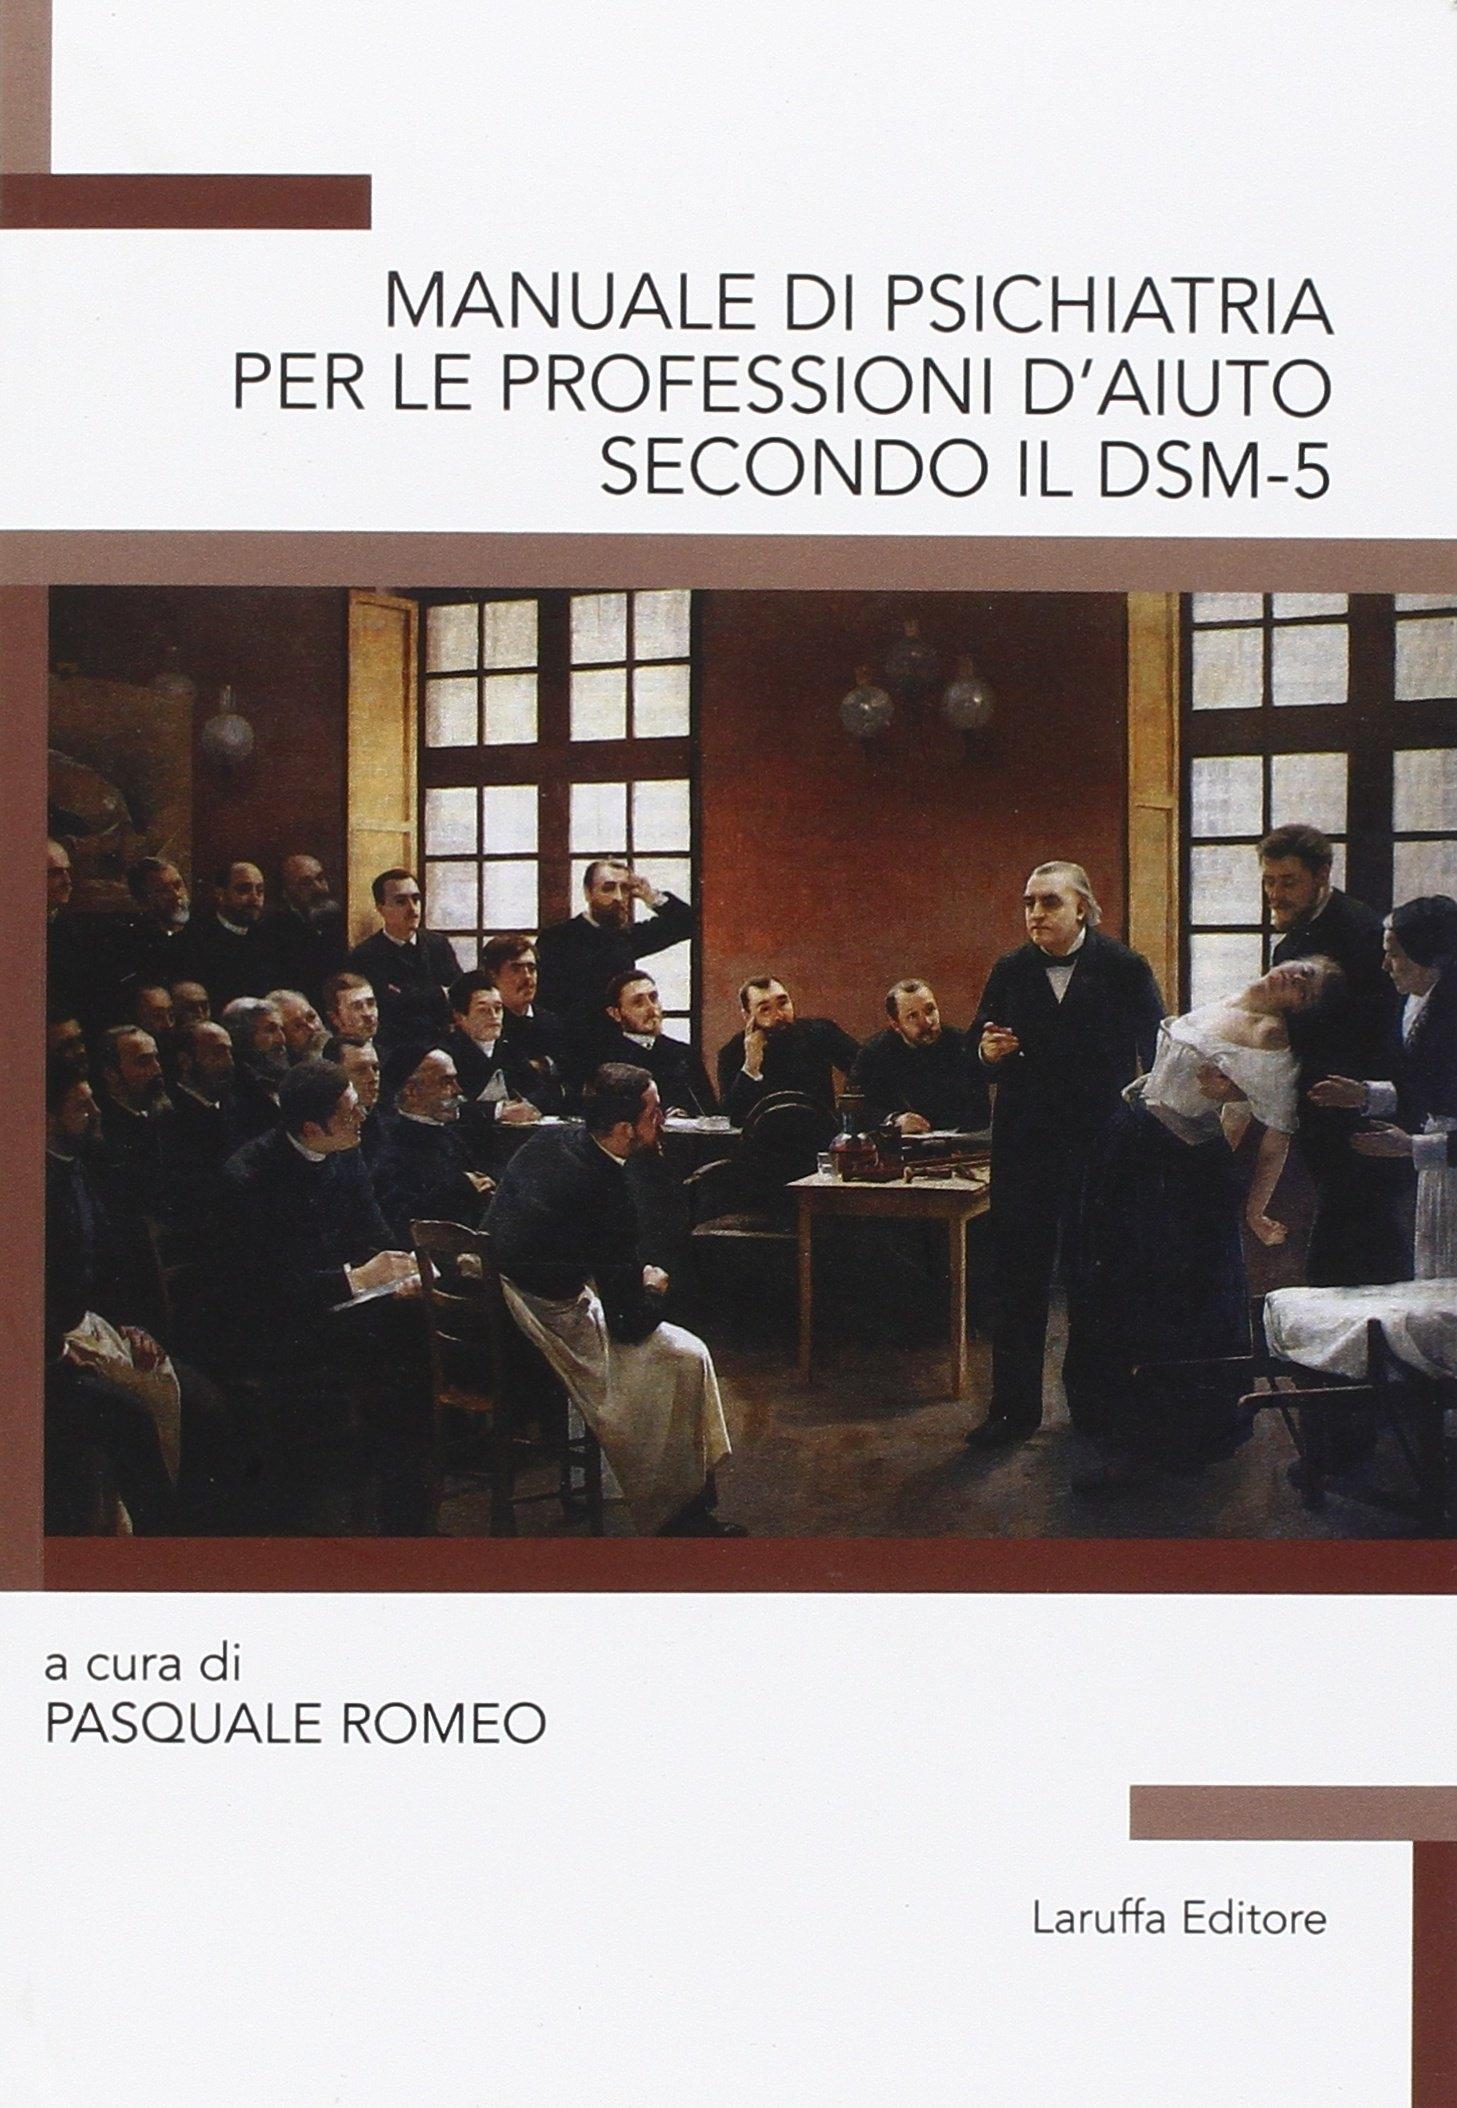 Manuale di Psichiatria per le Professioni d'Aiuto Secondo il Dsm-5.